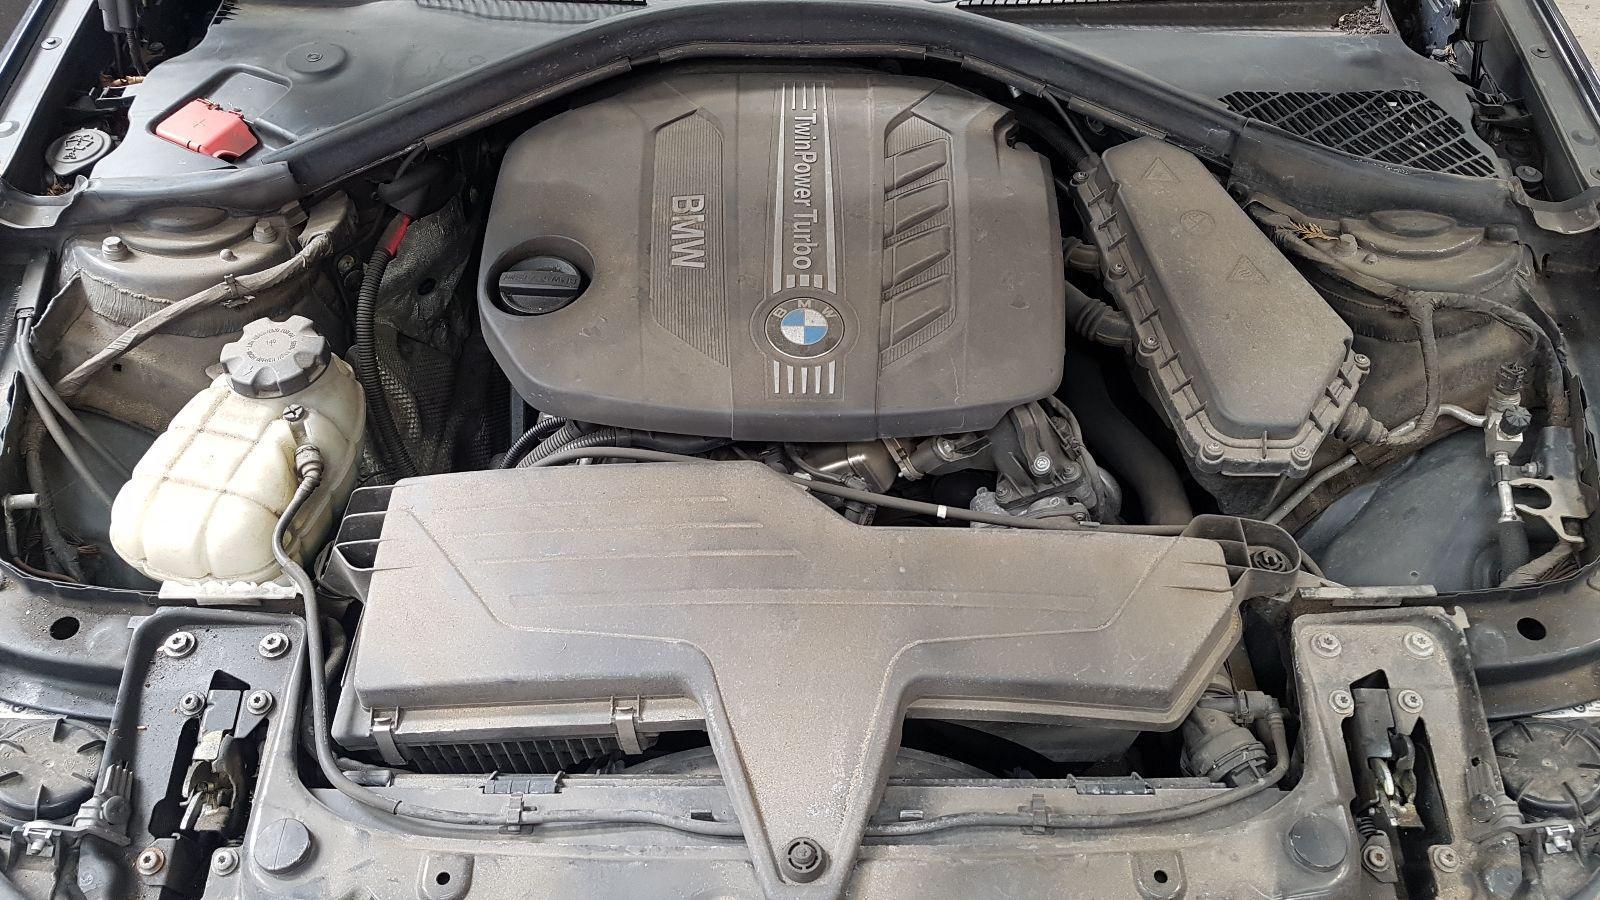 View Auto part Bmw 1 Series 2013 5 Door Hatchback Breaking